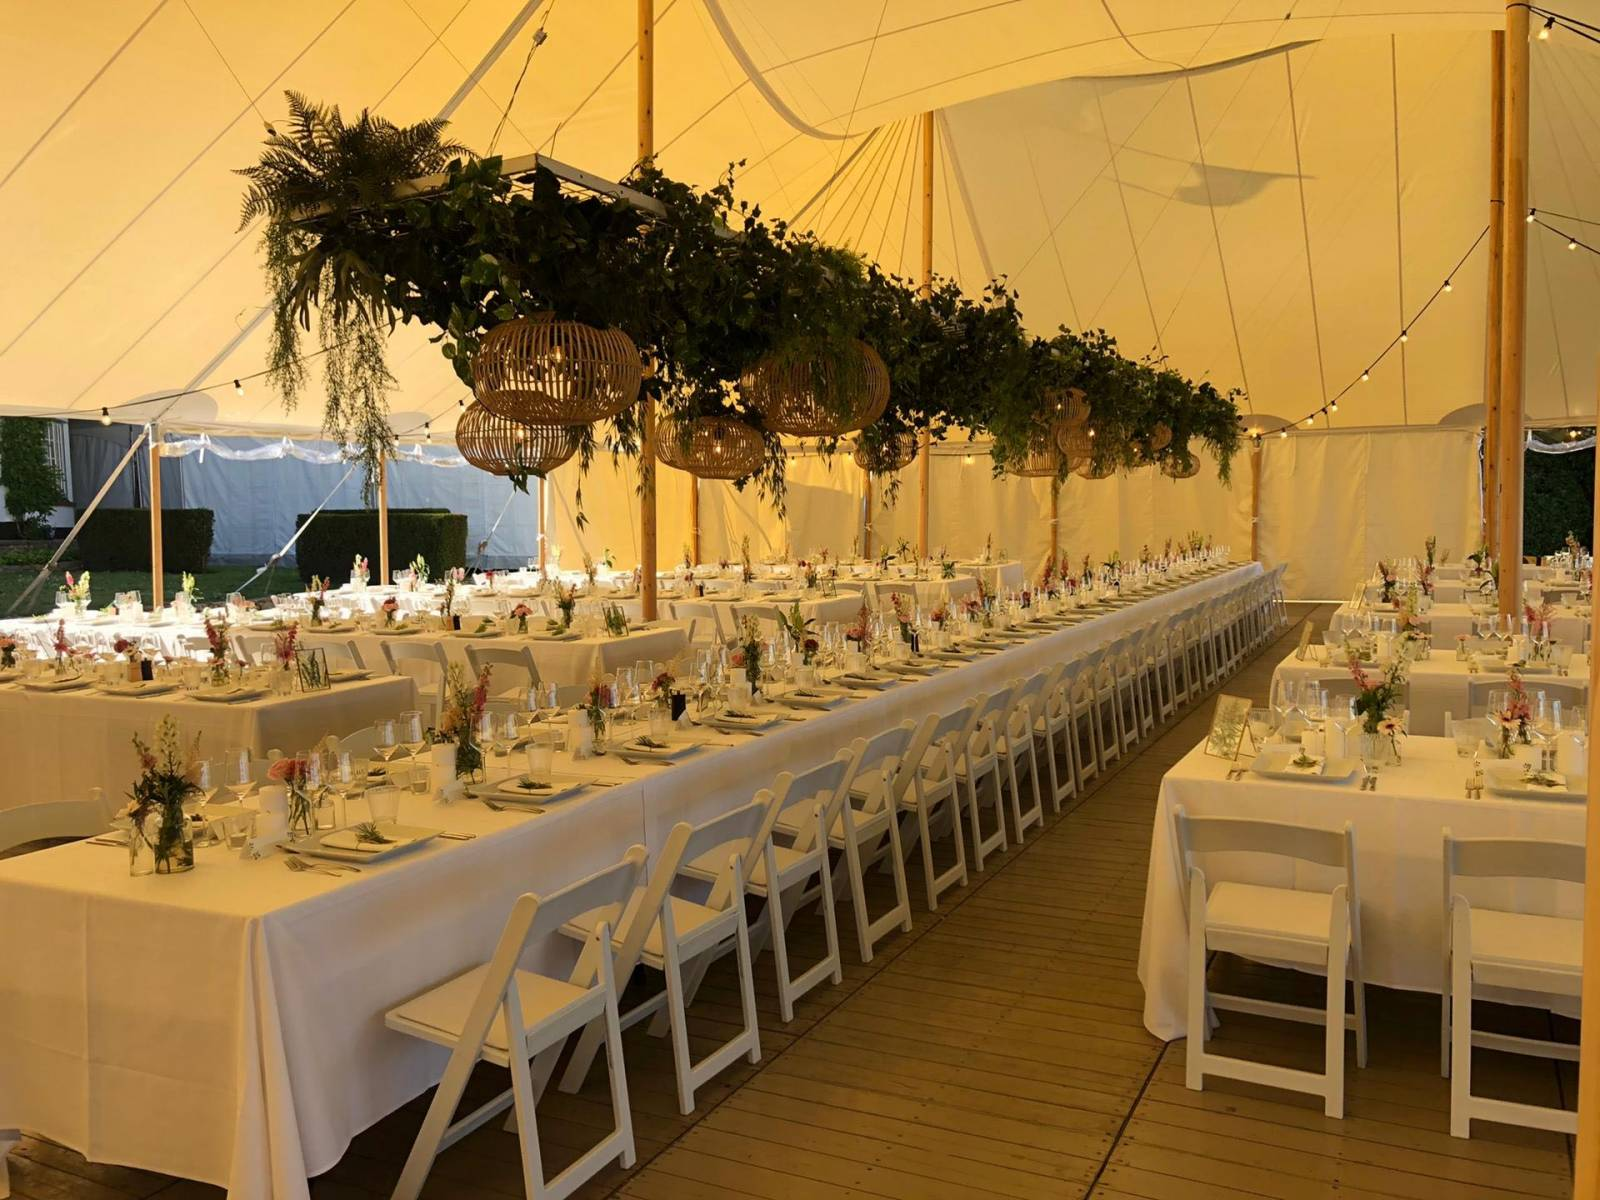 Hendrickx feesten - Catering - Traiteur - Cateraar - House of Events - 21